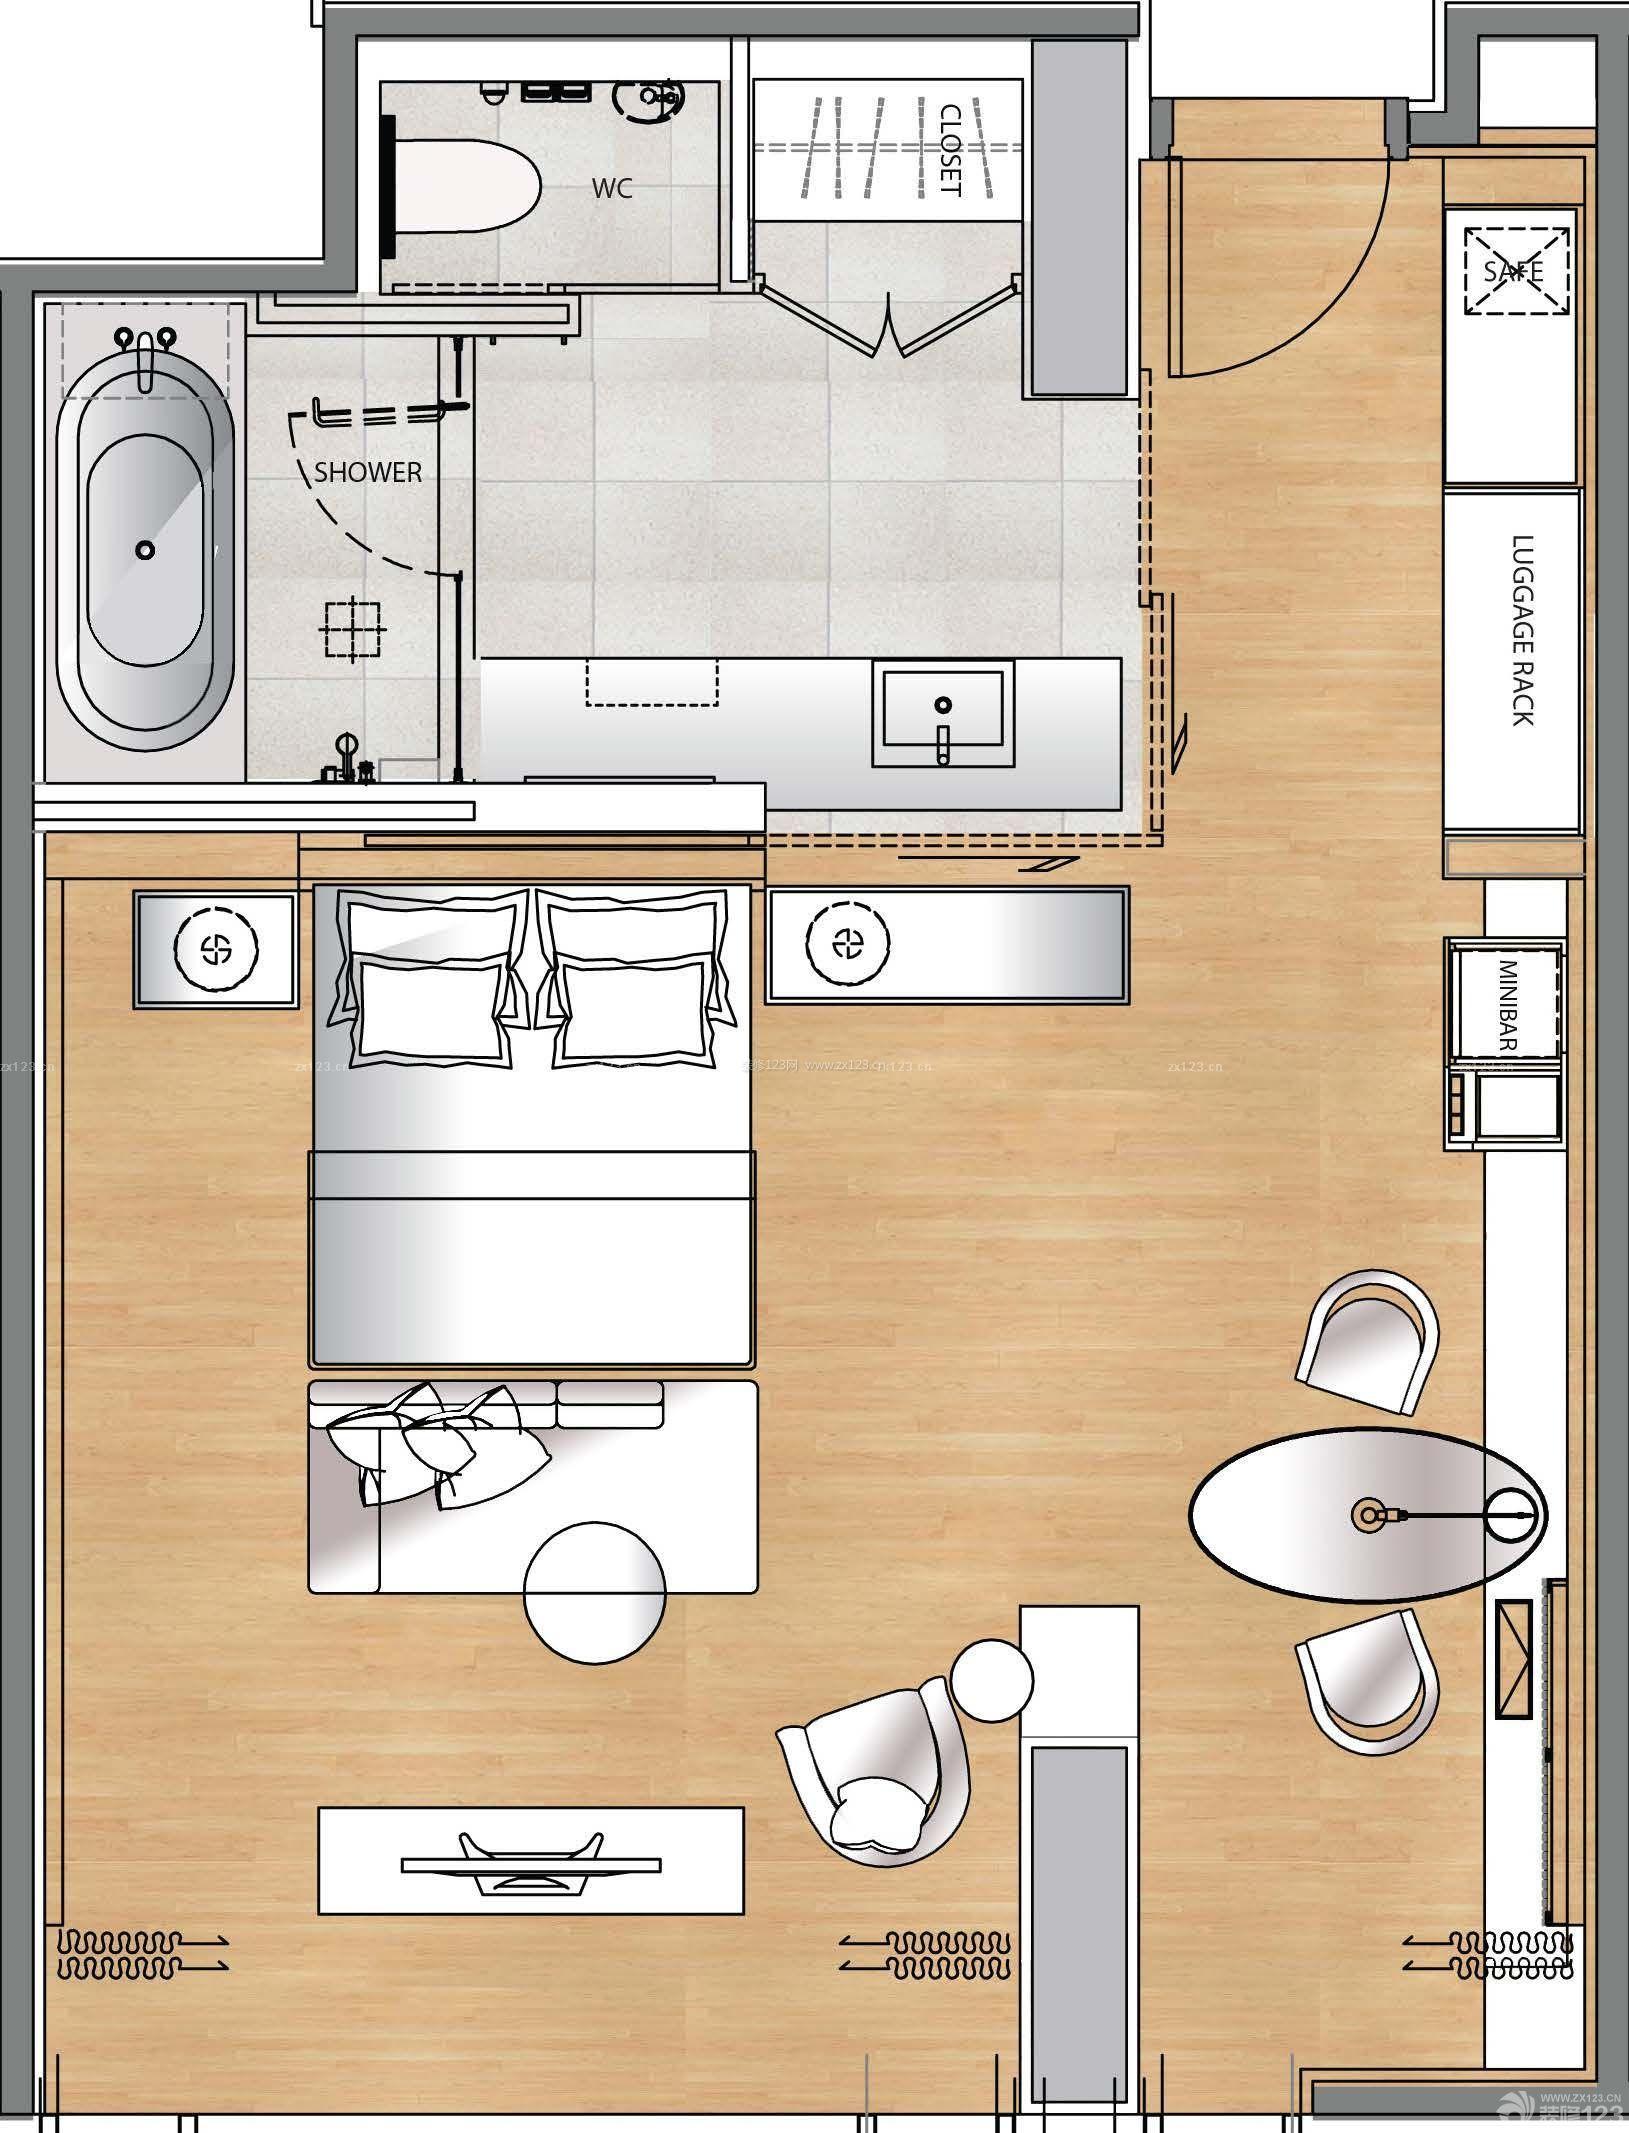 乡村图纸别墅设计图要写吗平面名称图竣工图片